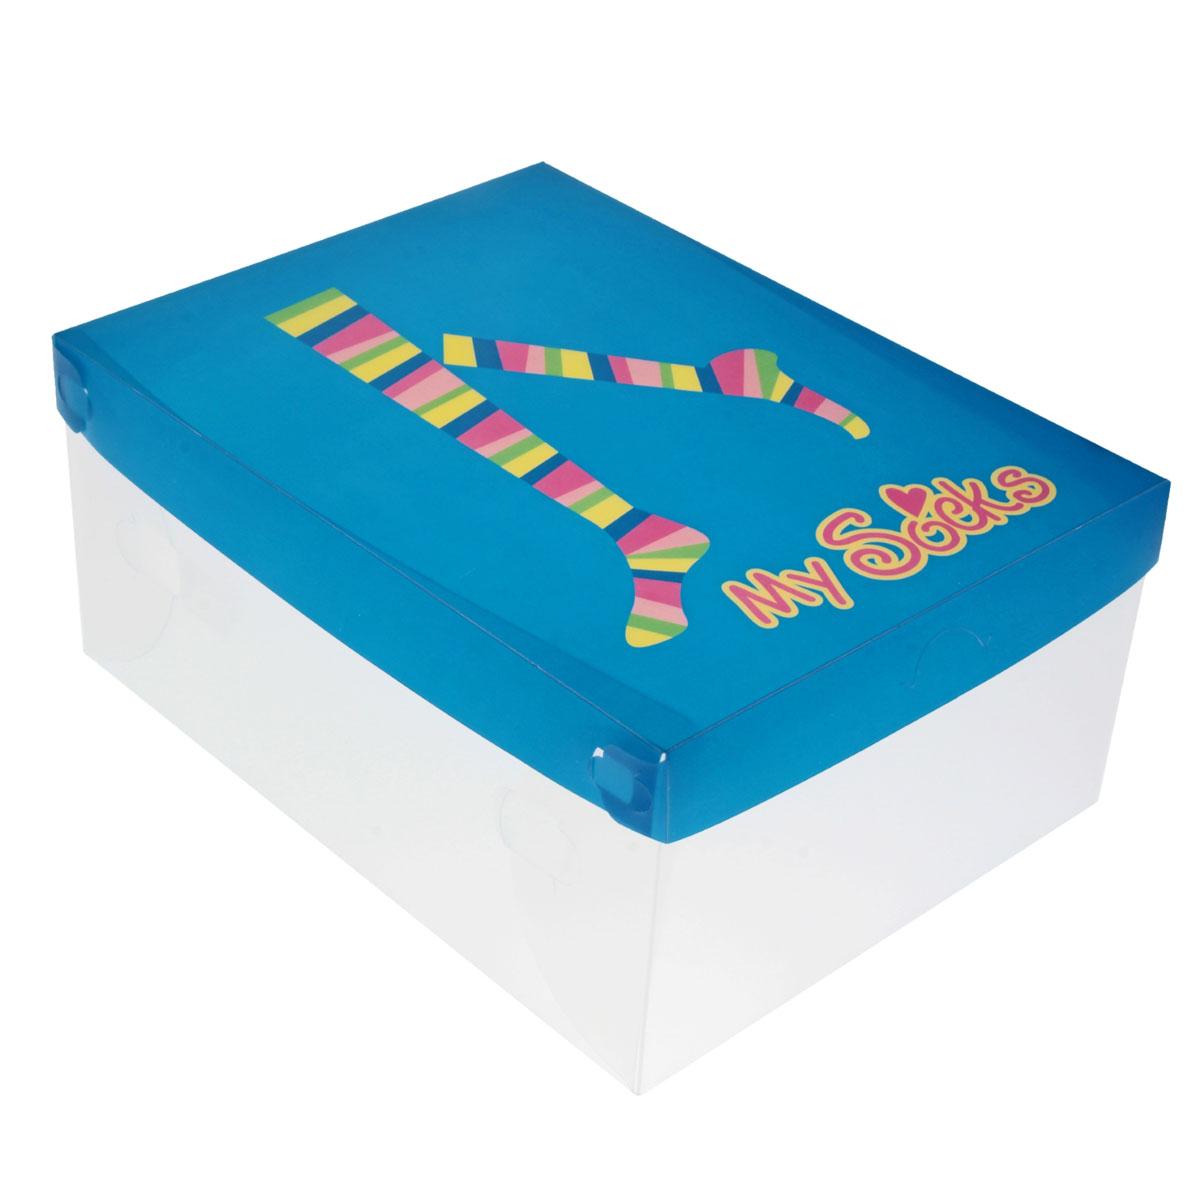 Коробка для хранения Sima-land Носочки, 30 см х 22,5 см х 13,5 см608980Коробка для хранения Sima-land Носочки изготовлена из высококачественного прозрачного пластика. Коробка имеет пластиковую крышку, которая декорирована изображением носков и надписью My Socks. Коробка специально предназначена для хранения носков. Изделие легко собирается и не занимает много места. В коробке имеется отверстие, обеспечивающее естественную вентиляцию вещей.Коробка для хранения Sima-land Носочки - идеальное решение для аккуратного хранения ваших вещей. Размер коробки: 30 см х 22,5 см х 13,5 см.